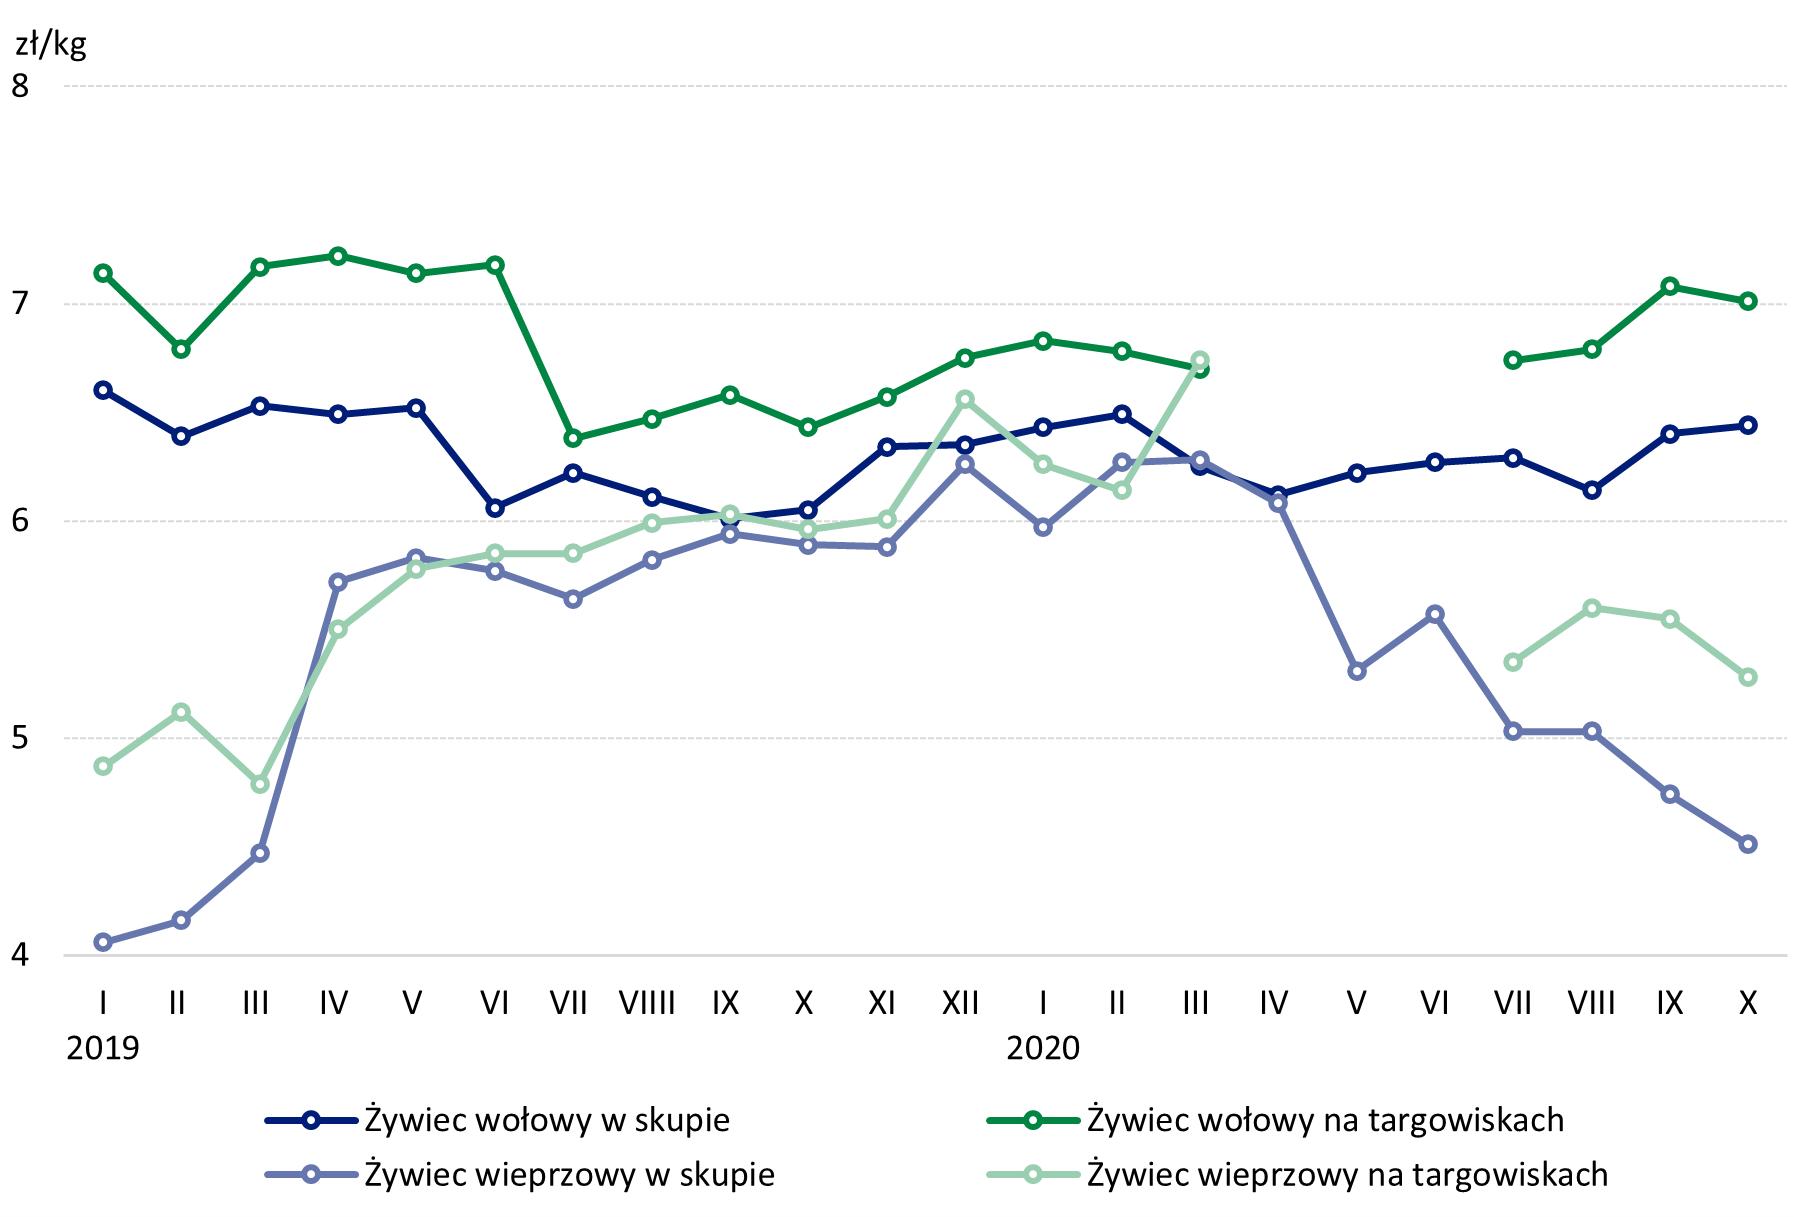 Wykres 5. Ceny żywca wołowego i wieprzowego w skupie i na targowiskach